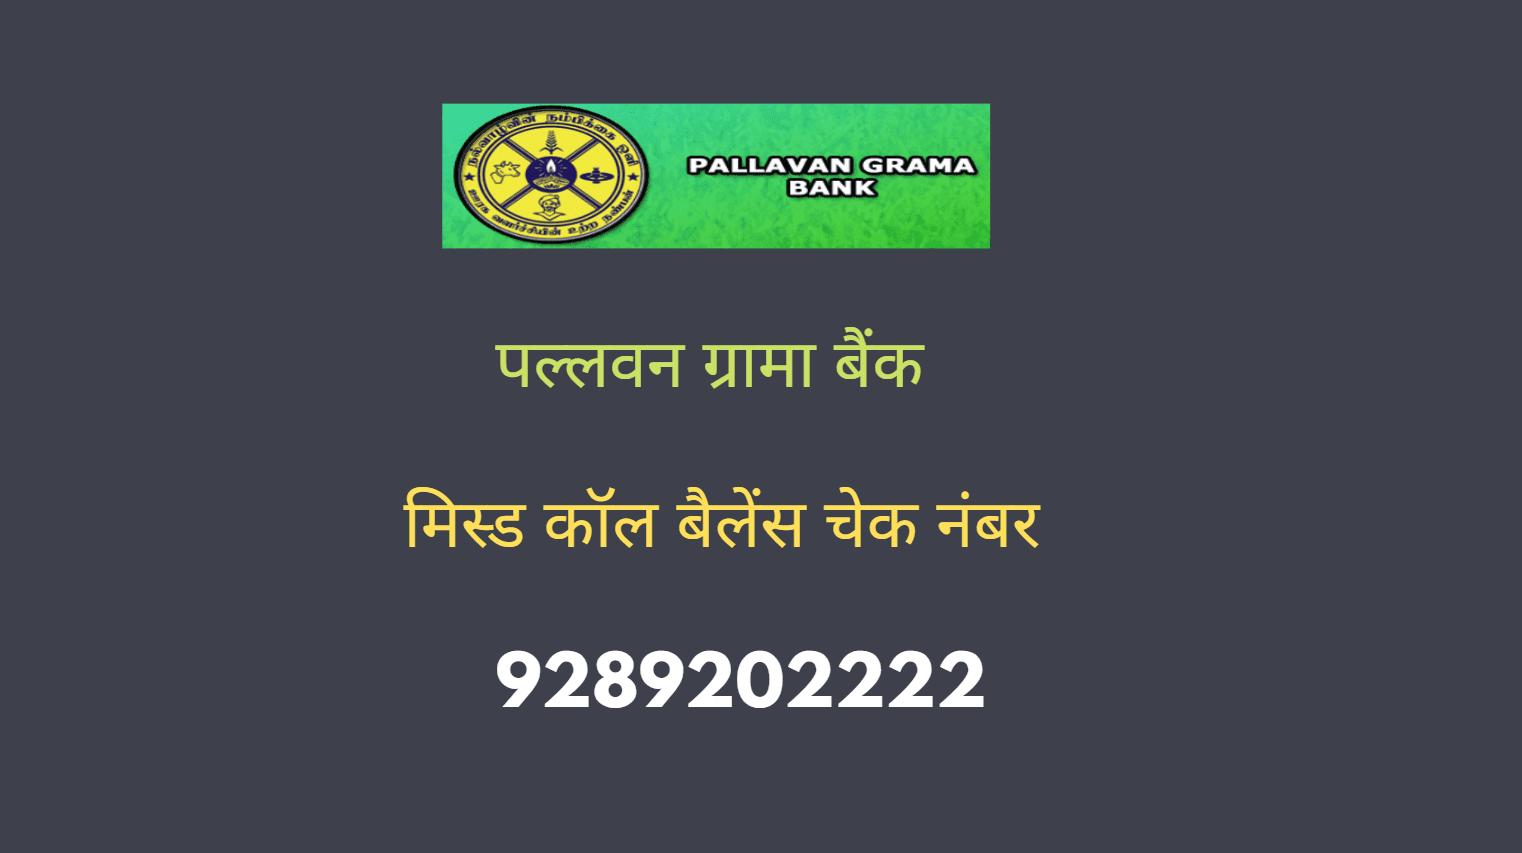 Pallavan Grama Bank Balance Check Number